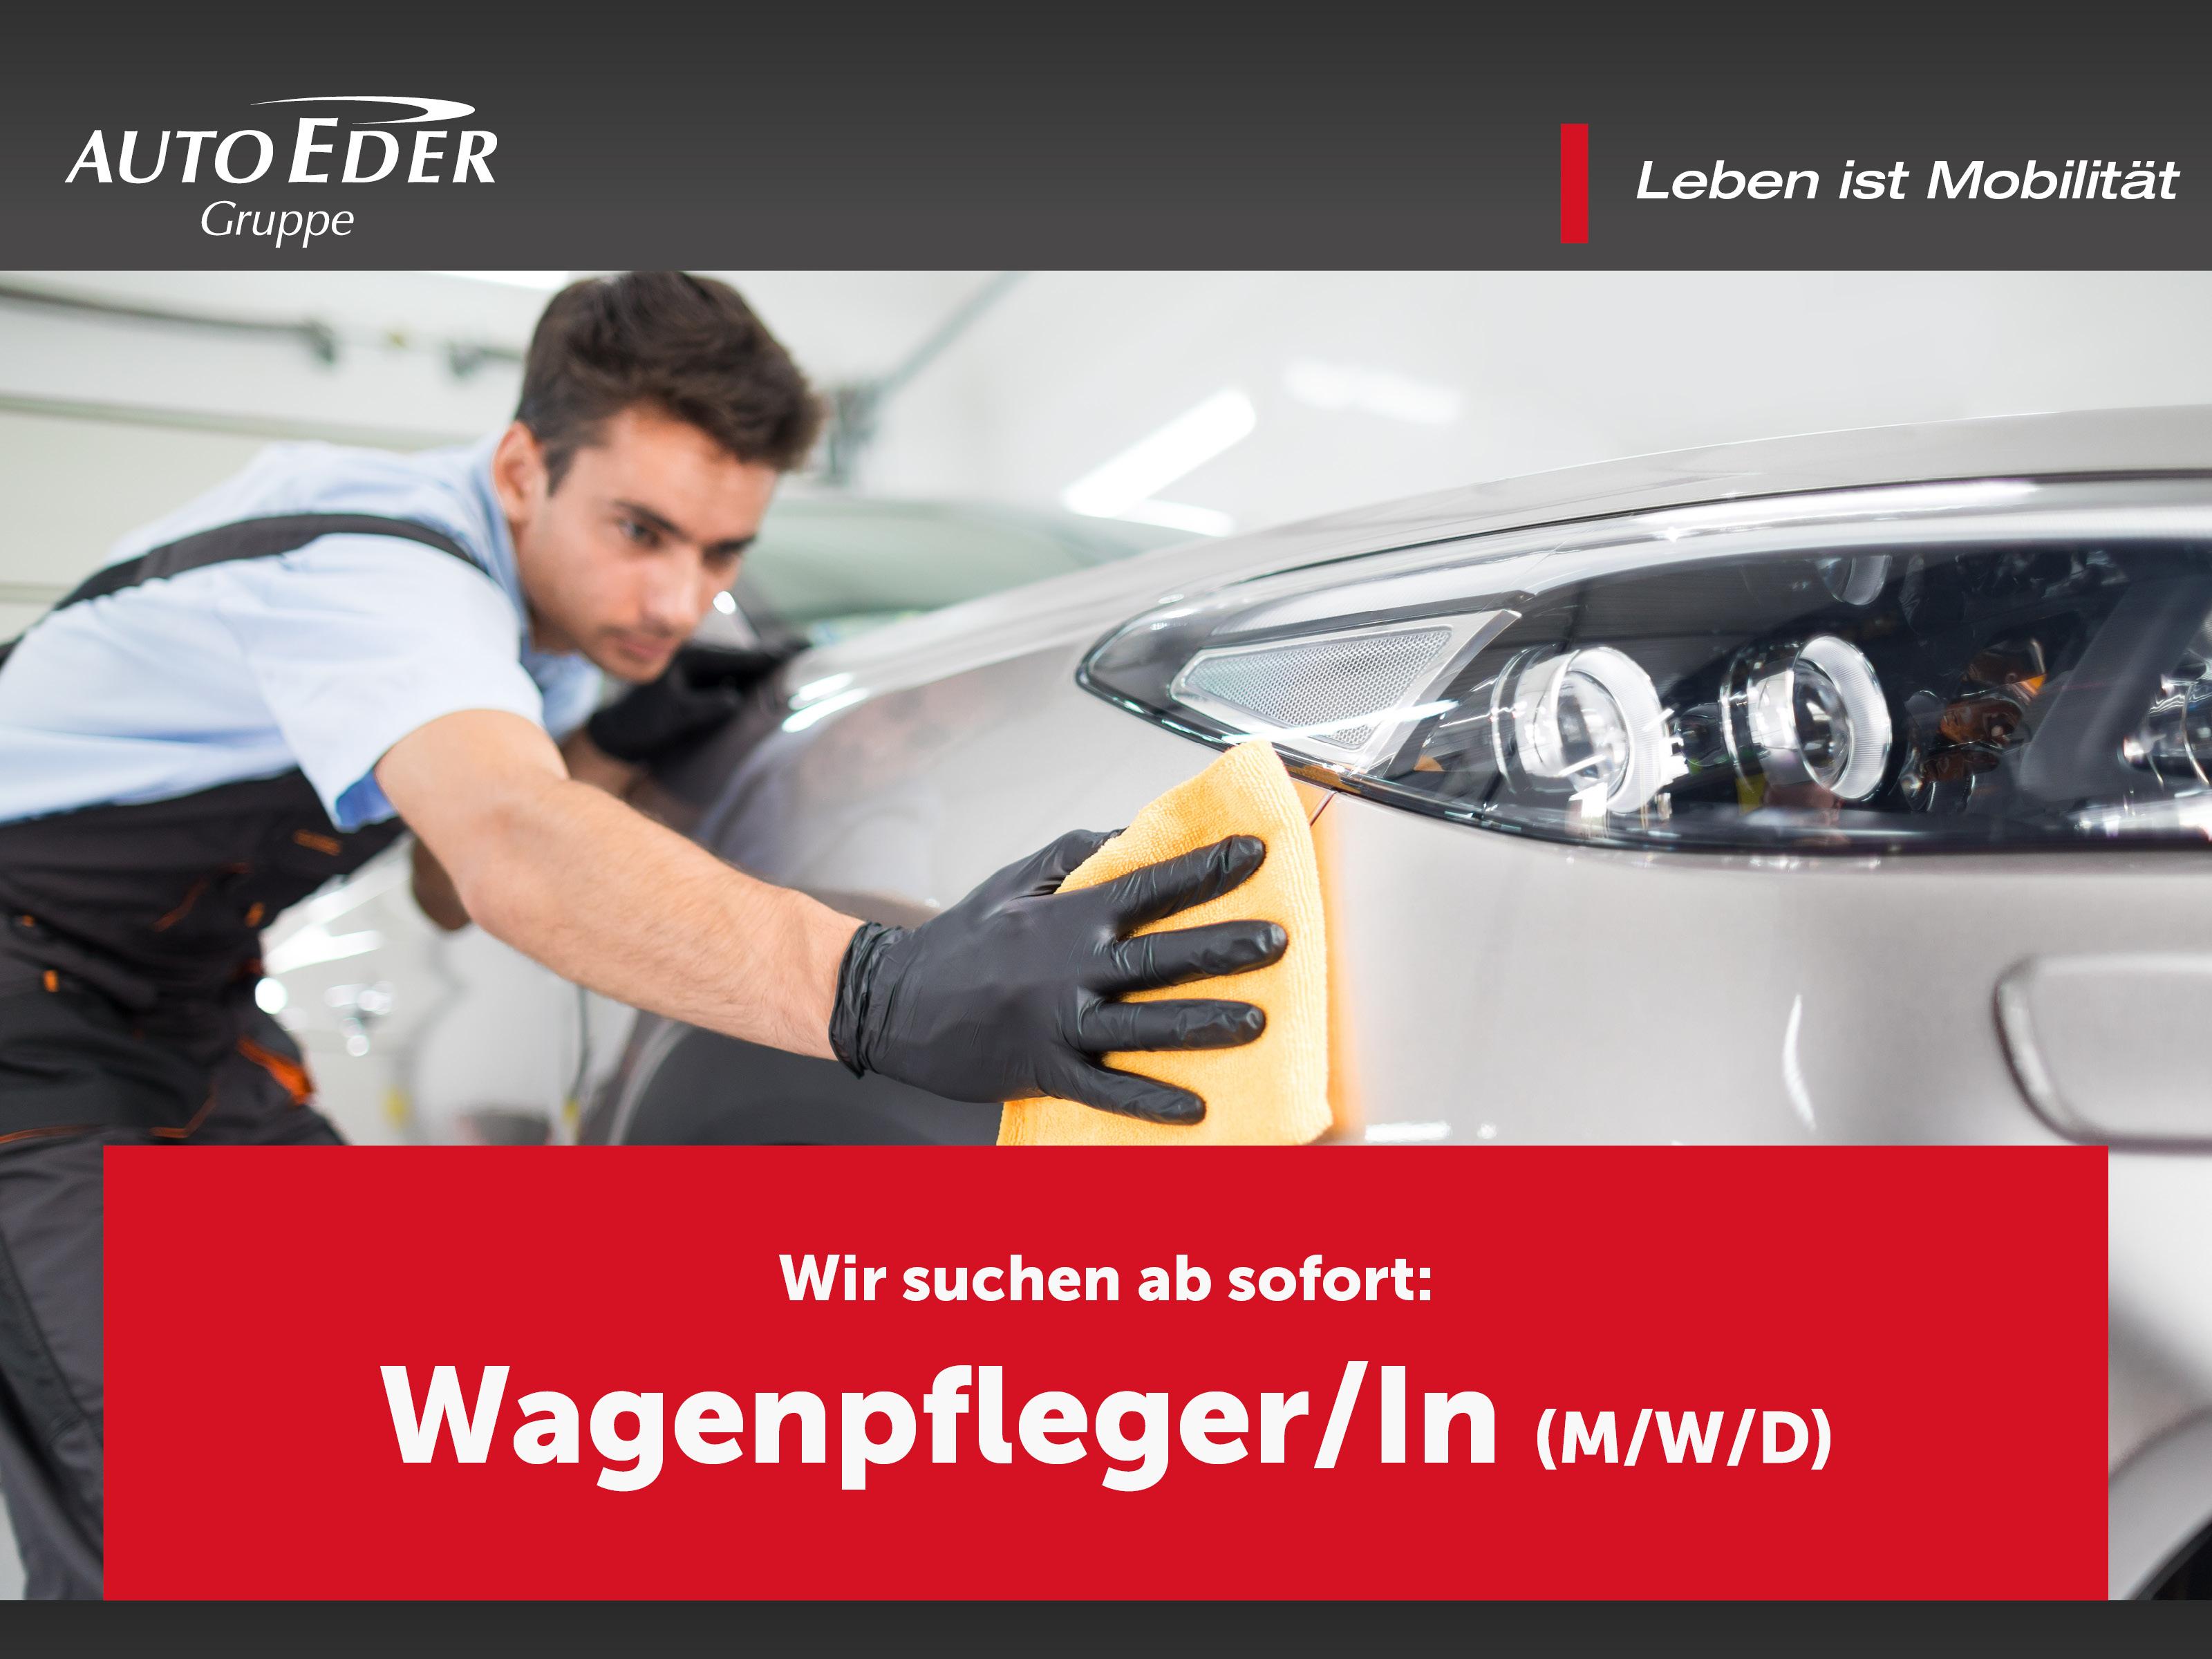 Wagenpfleger | Wagenpflegerin (m/w/d)